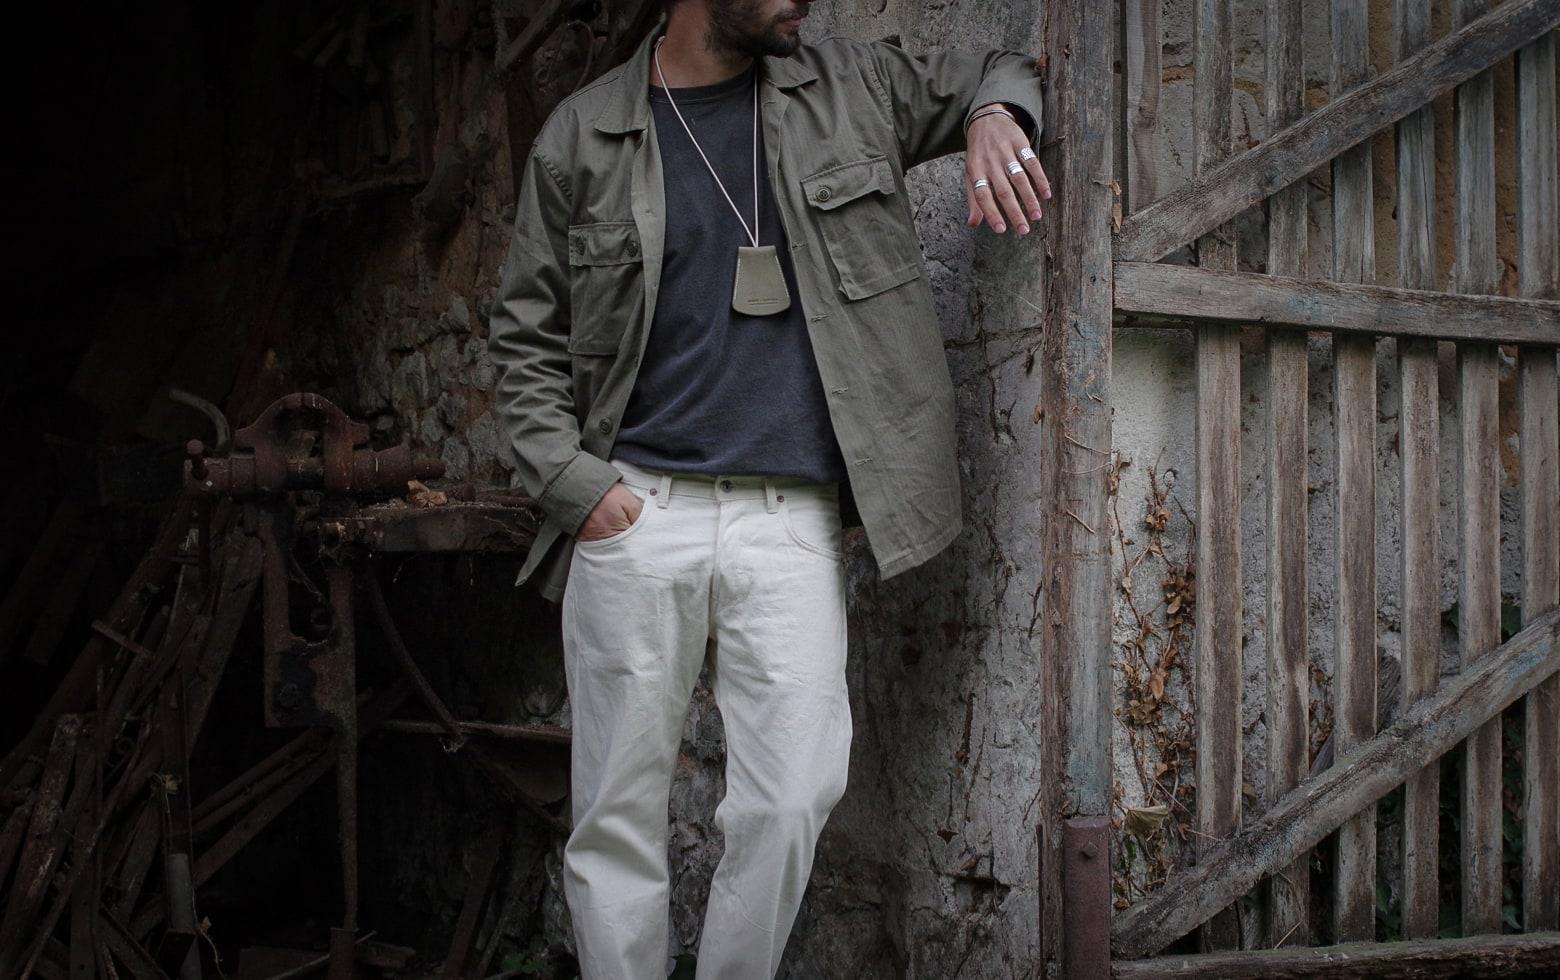 comment porter un jean blanc - paraboot michael noire - laperruque x brut